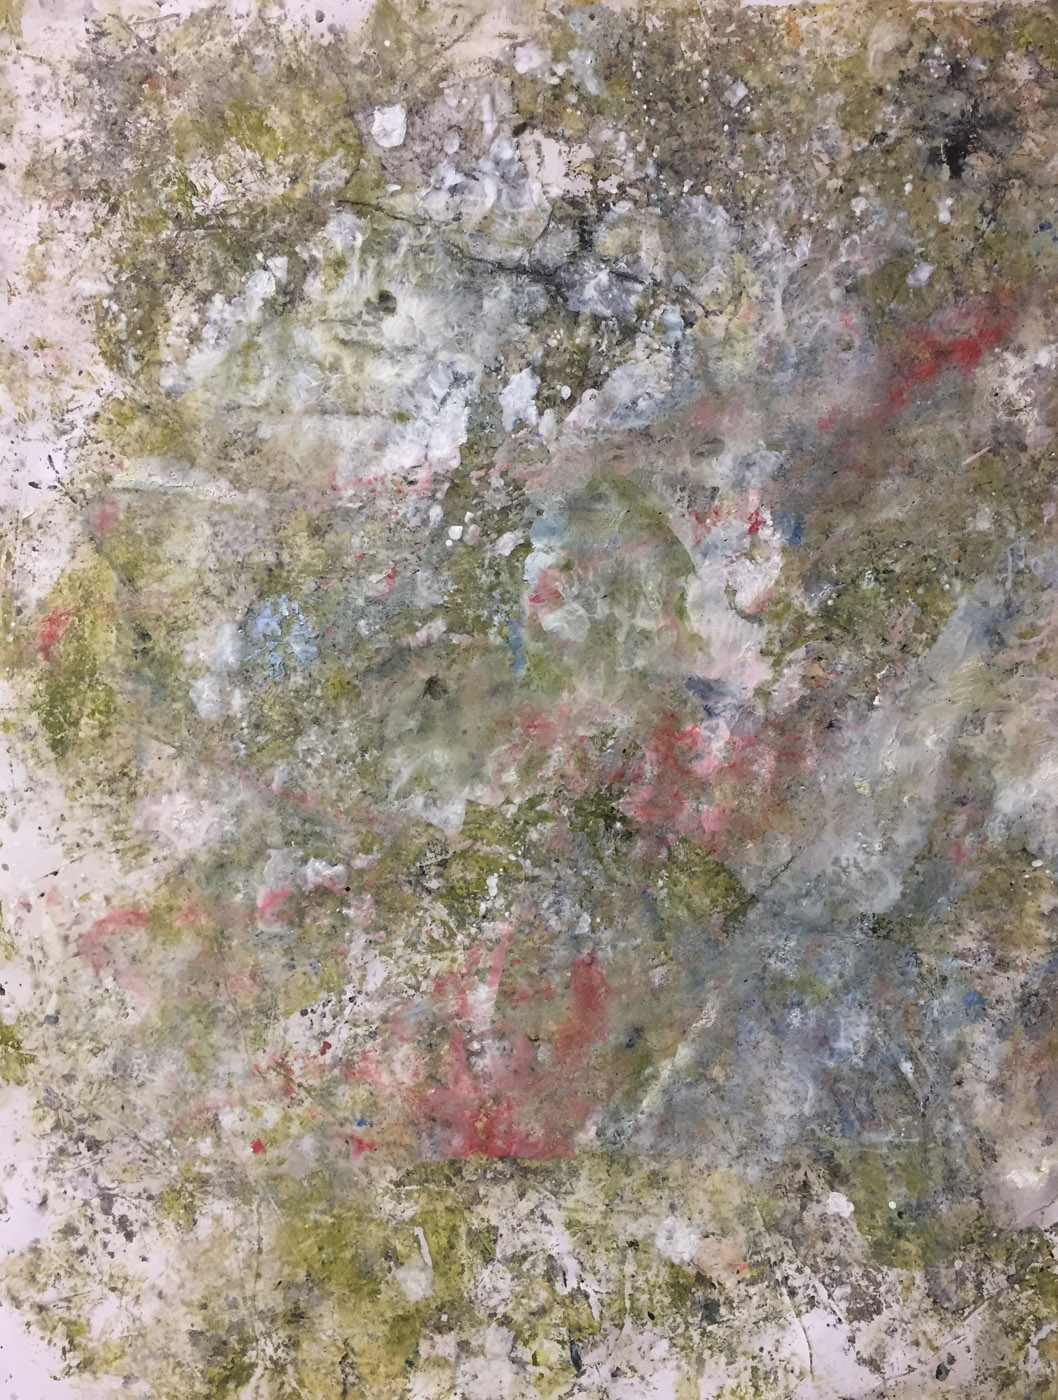 MARC FELD 2019 TRACES OF JOHN 3 Huile, pigmnent, acrylique et gouache sur papier 50 x 65 cm